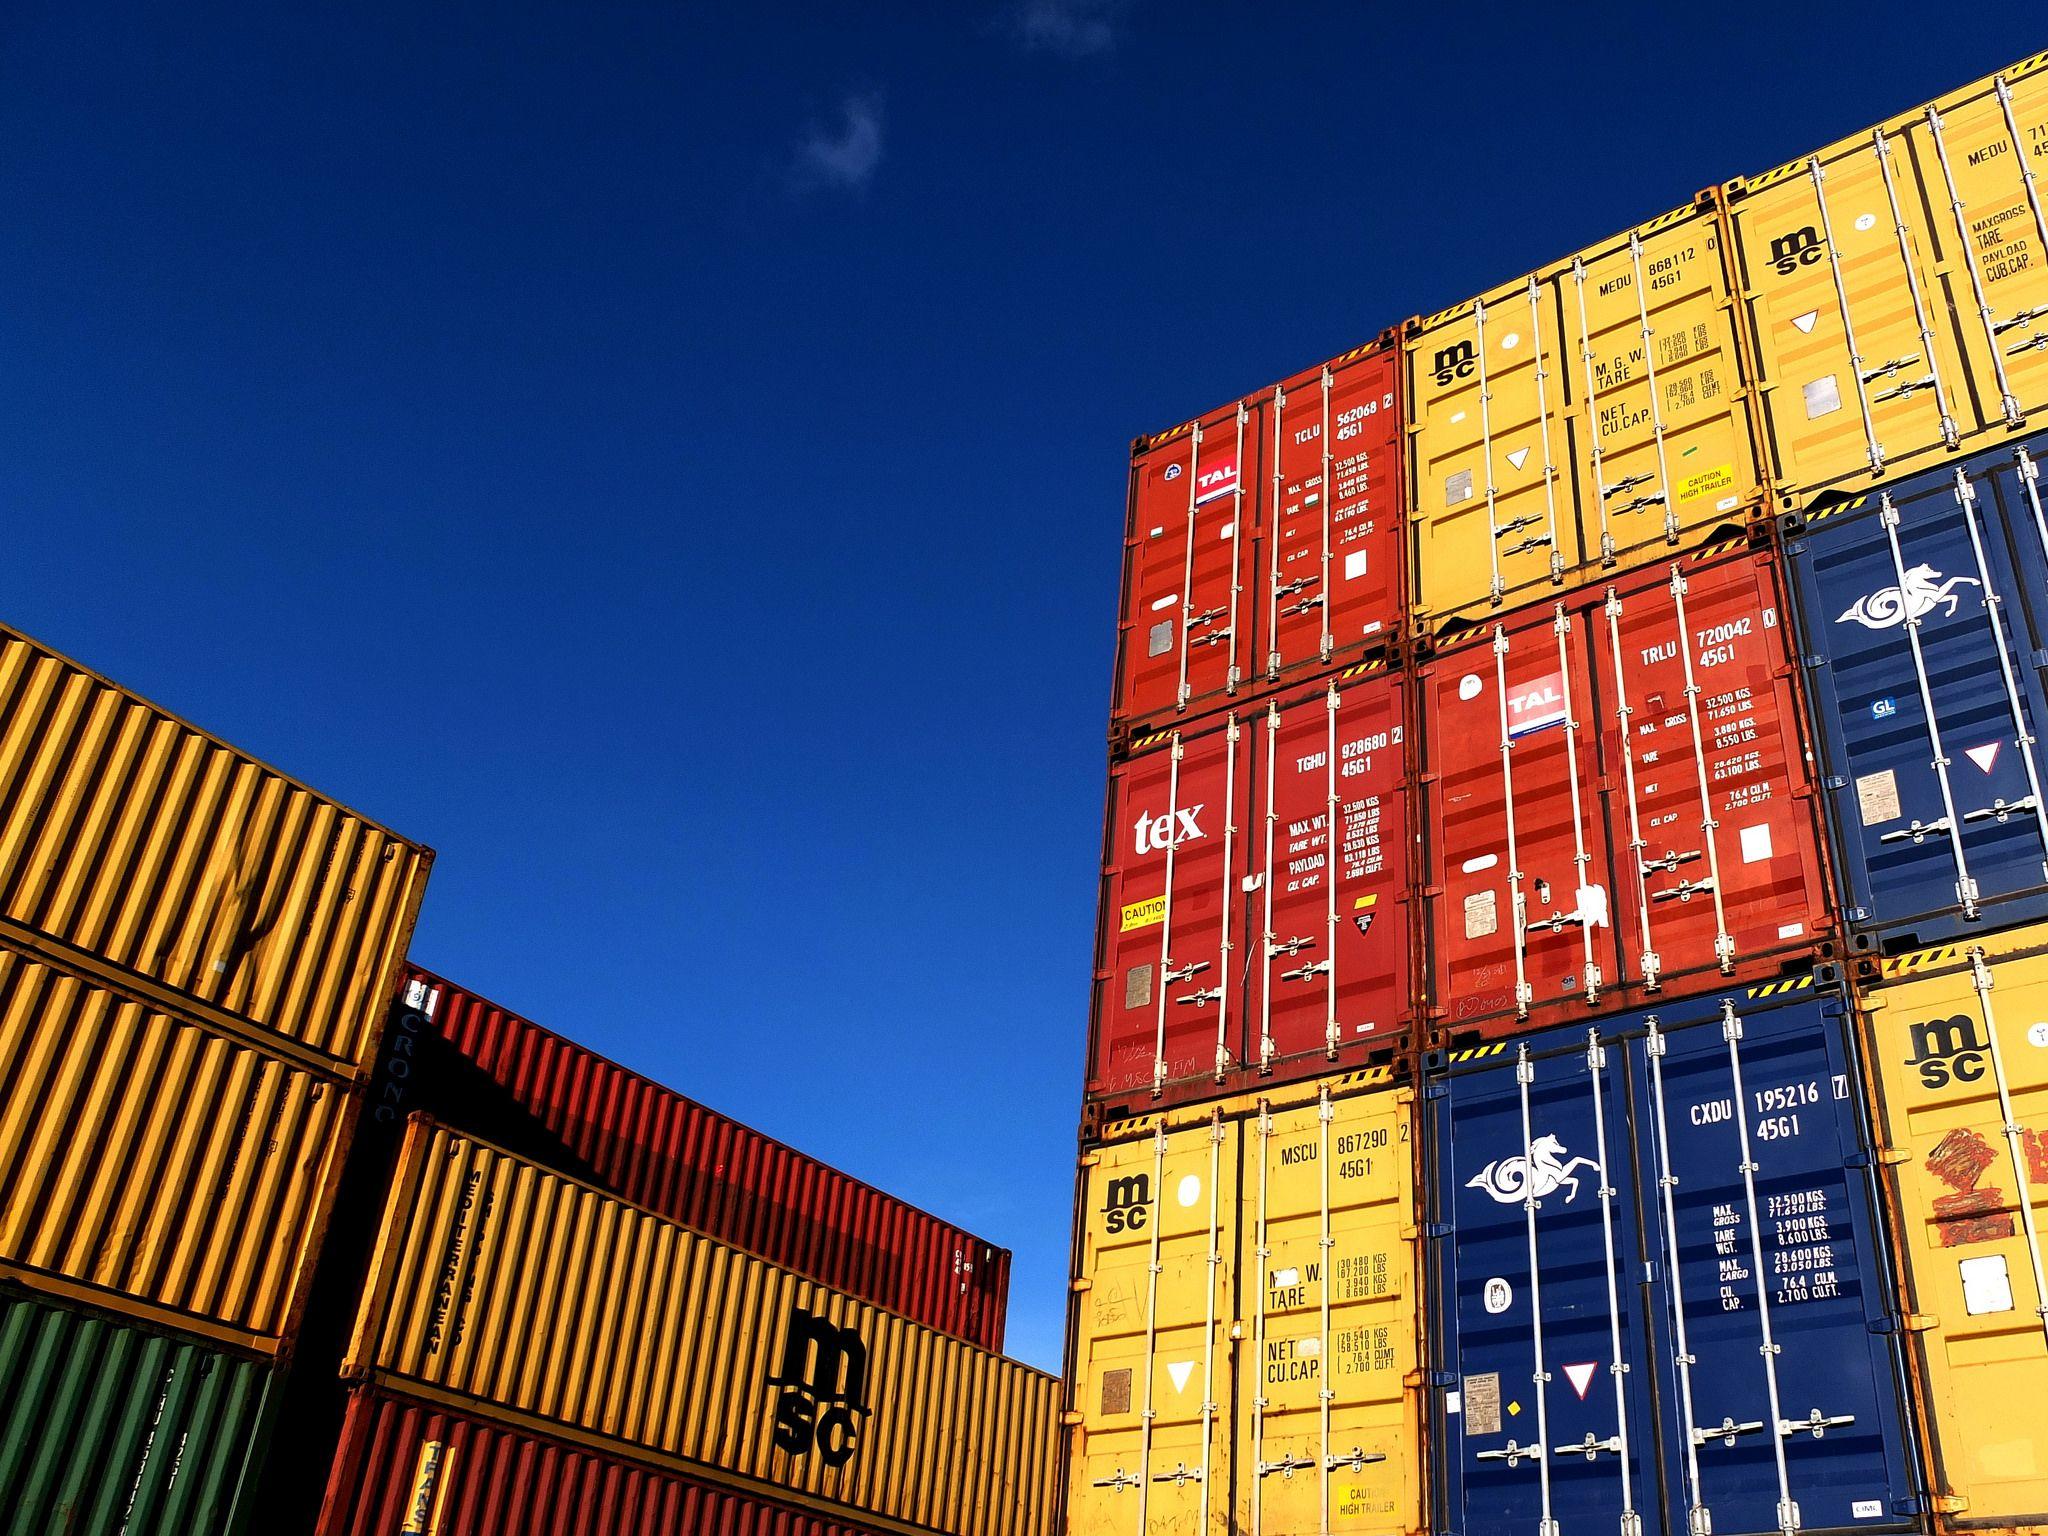 Los contenedores mar timos en el transporte de mercanc as - Contenedores de barco ...